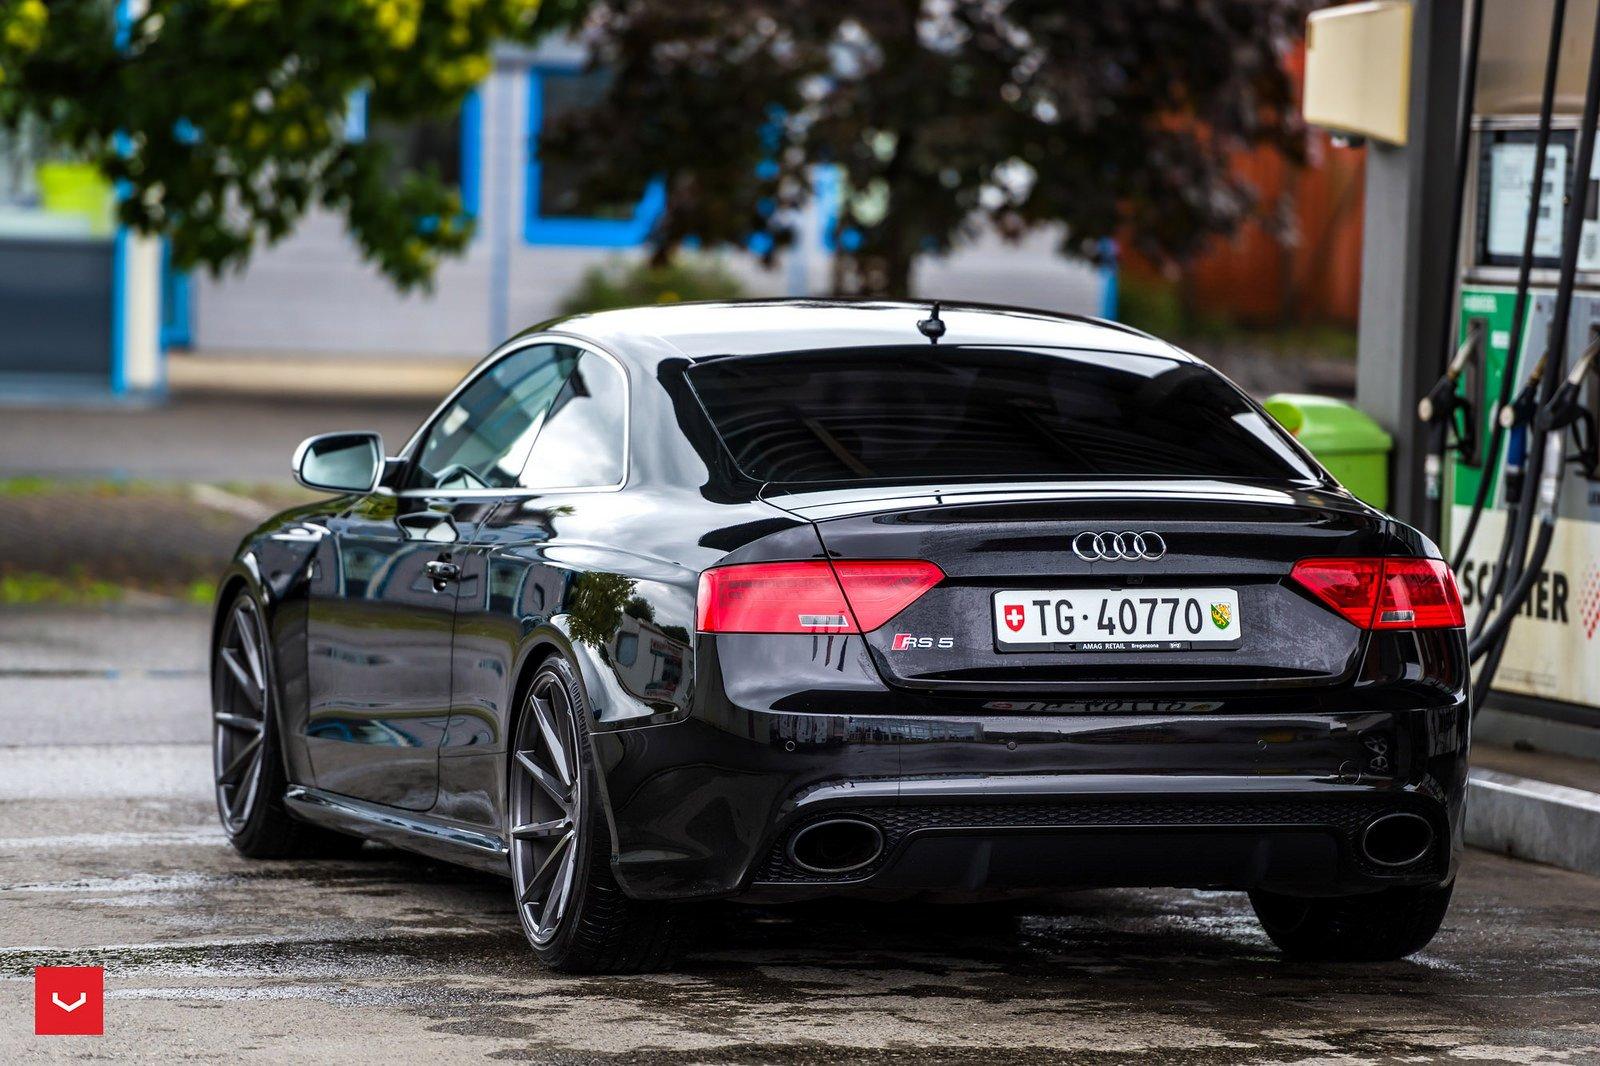 Audi RS5 Vossen Wheels black cars coupe wallpaper | 1600x1066 | 800309 ...